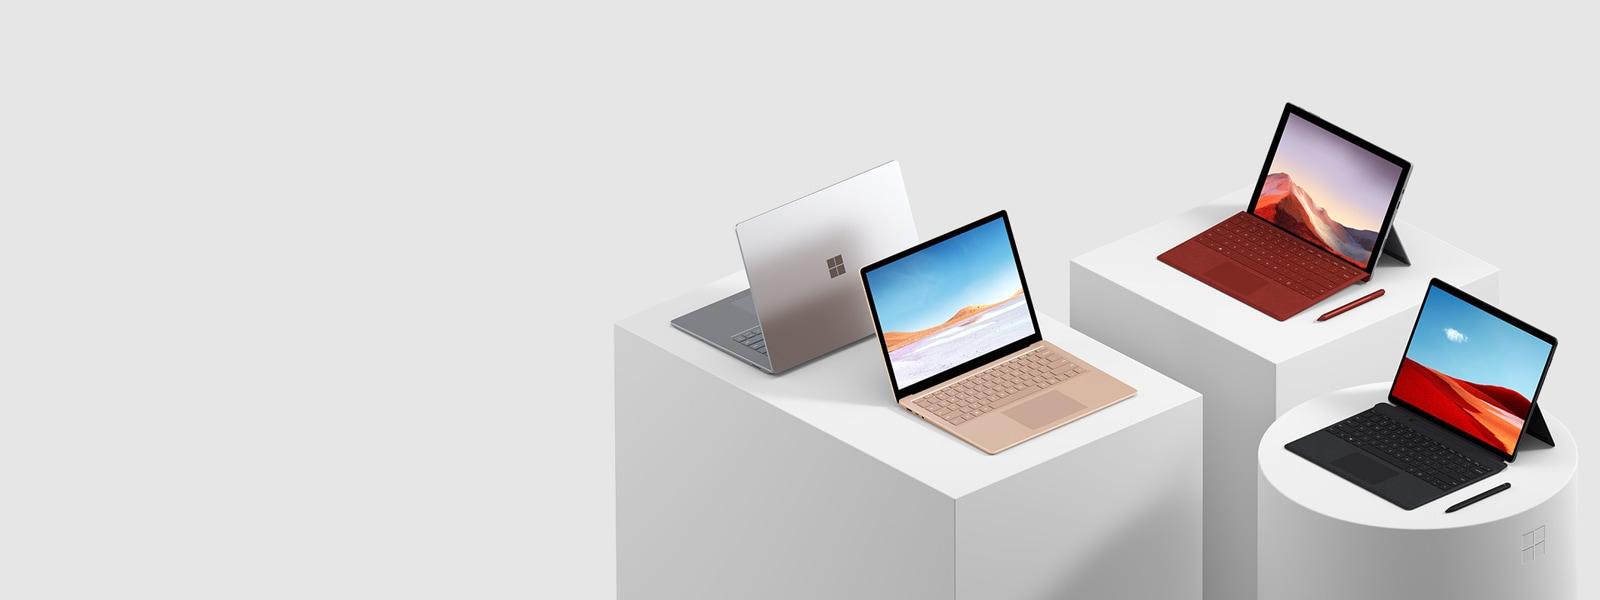 Une image des tablettes et ordinateurs Surface.